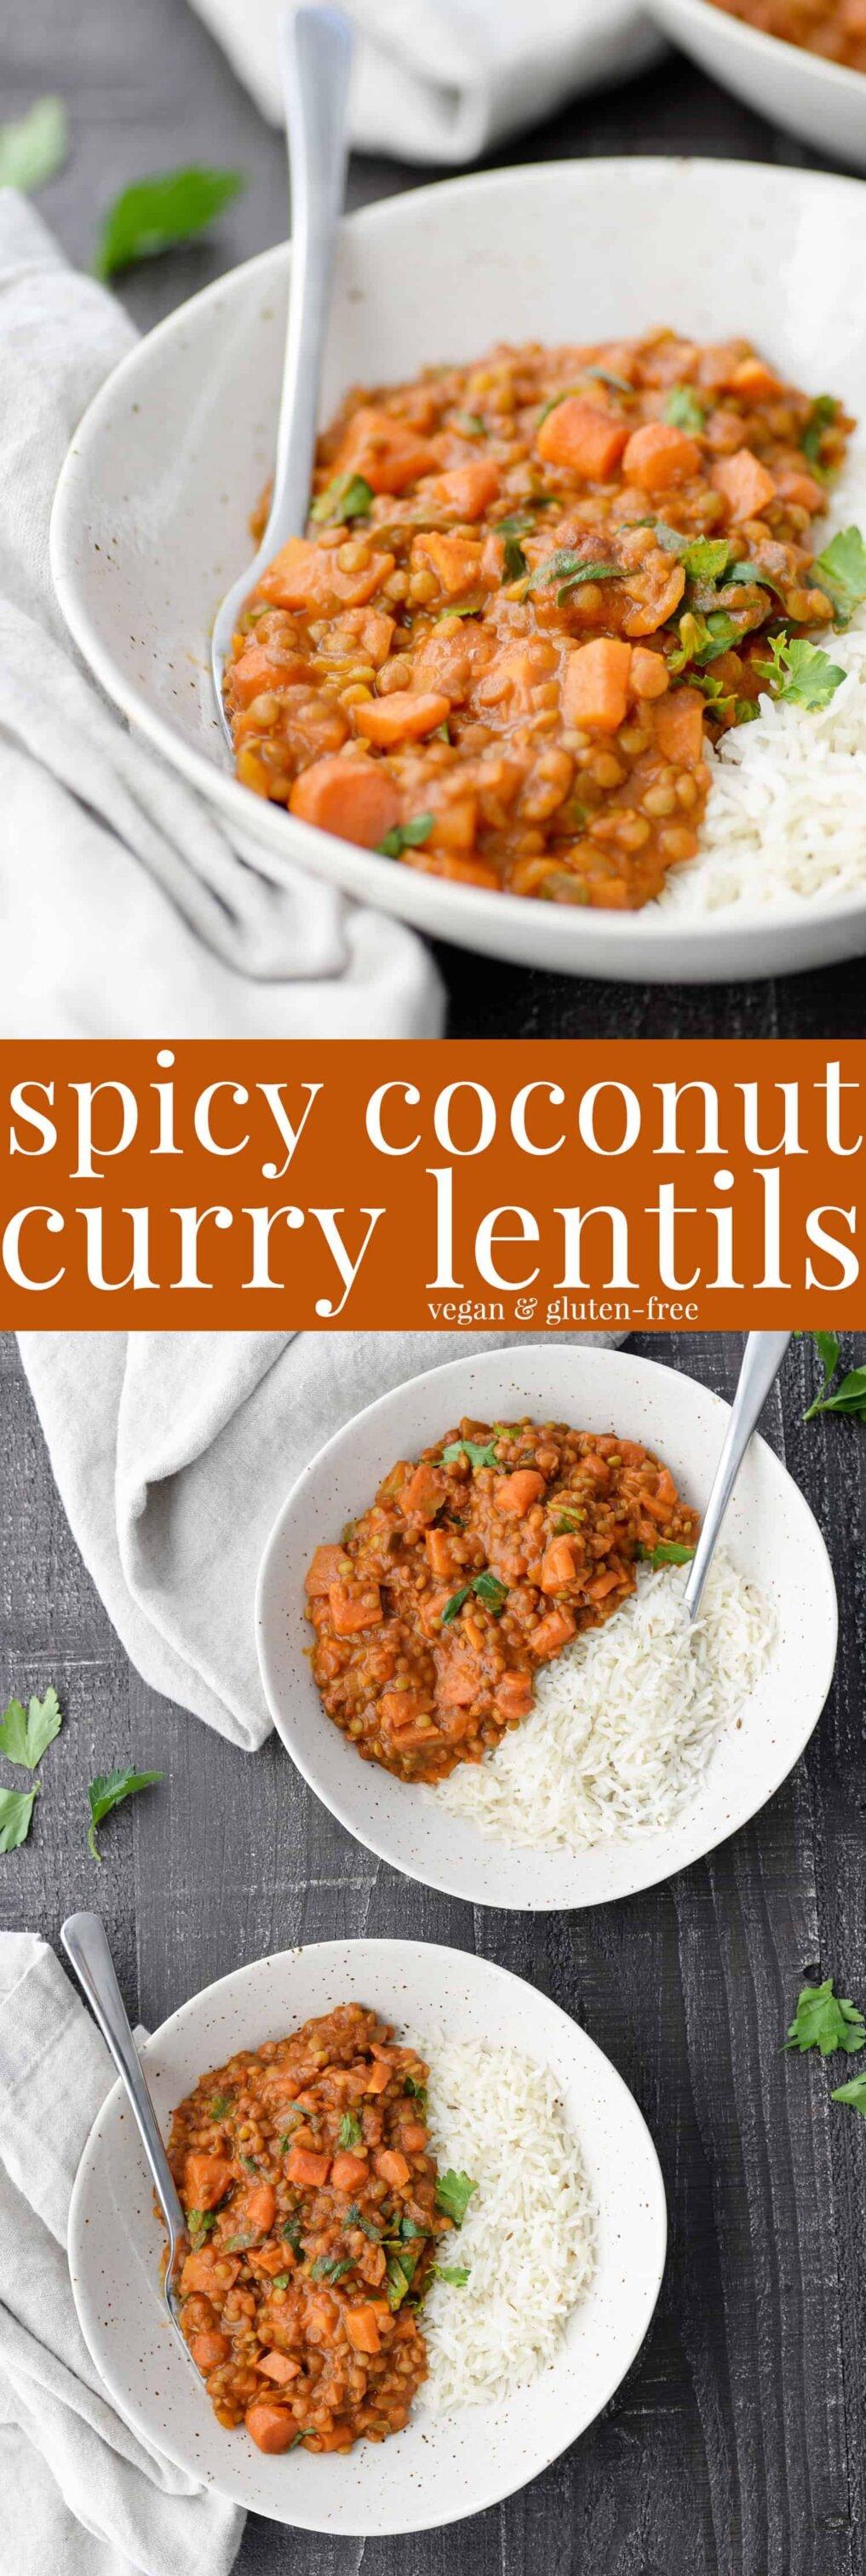 vegan spicy coconut curry lentils